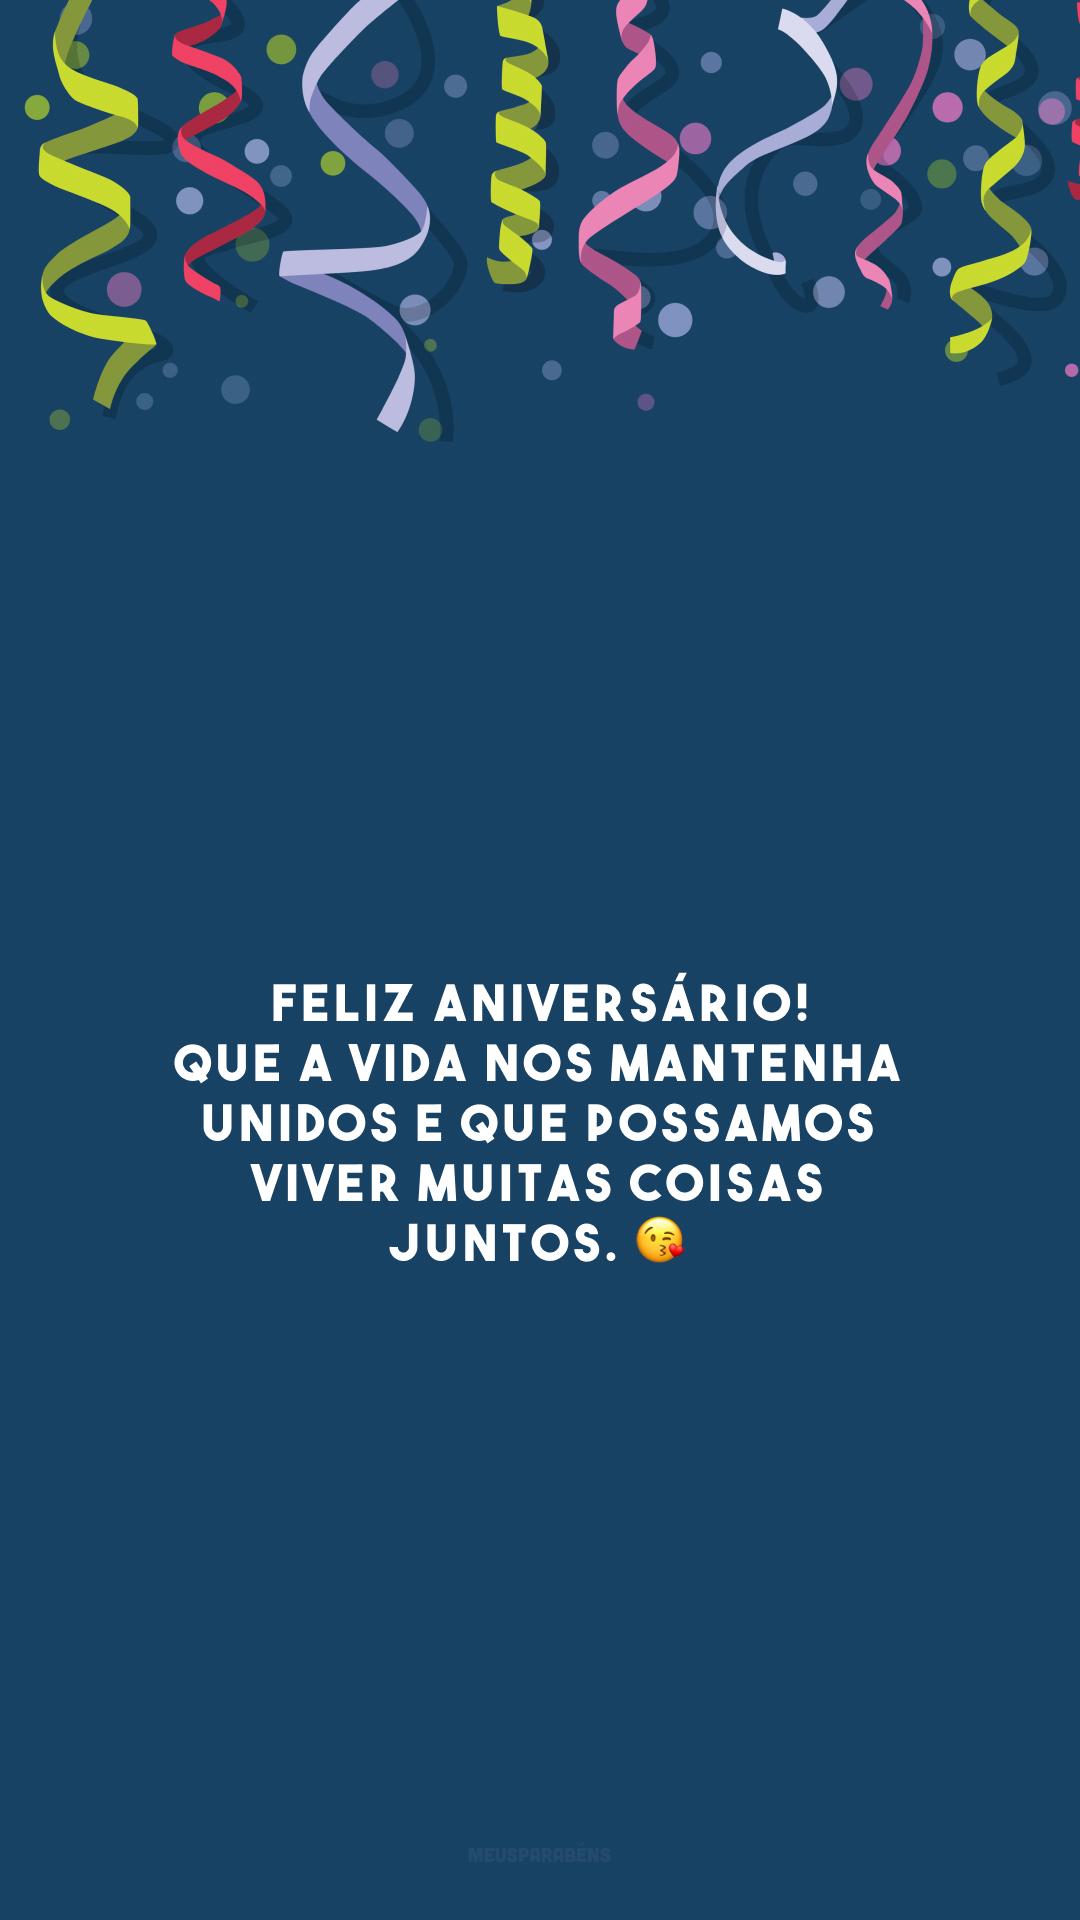 Feliz aniversário! Que a vida nos mantenha unidos e que possamos viver muitas coisas juntos. 😘